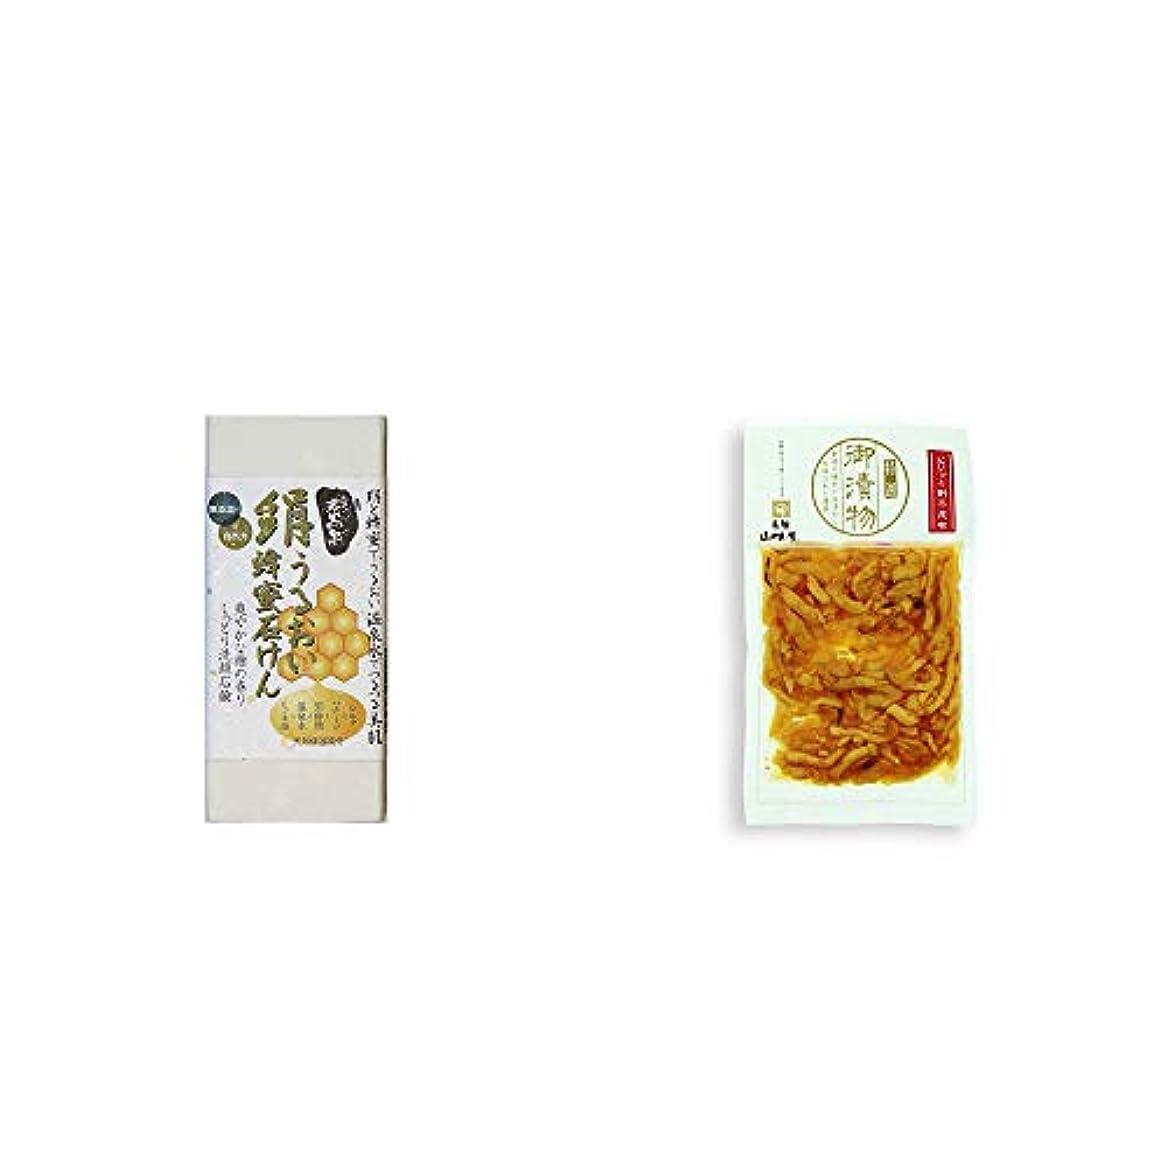 マーキングメジャー例外[2点セット] ひのき炭黒泉 絹うるおい蜂蜜石けん(75g×2)?飛騨山味屋 ピリッと割干し昆布(230g)